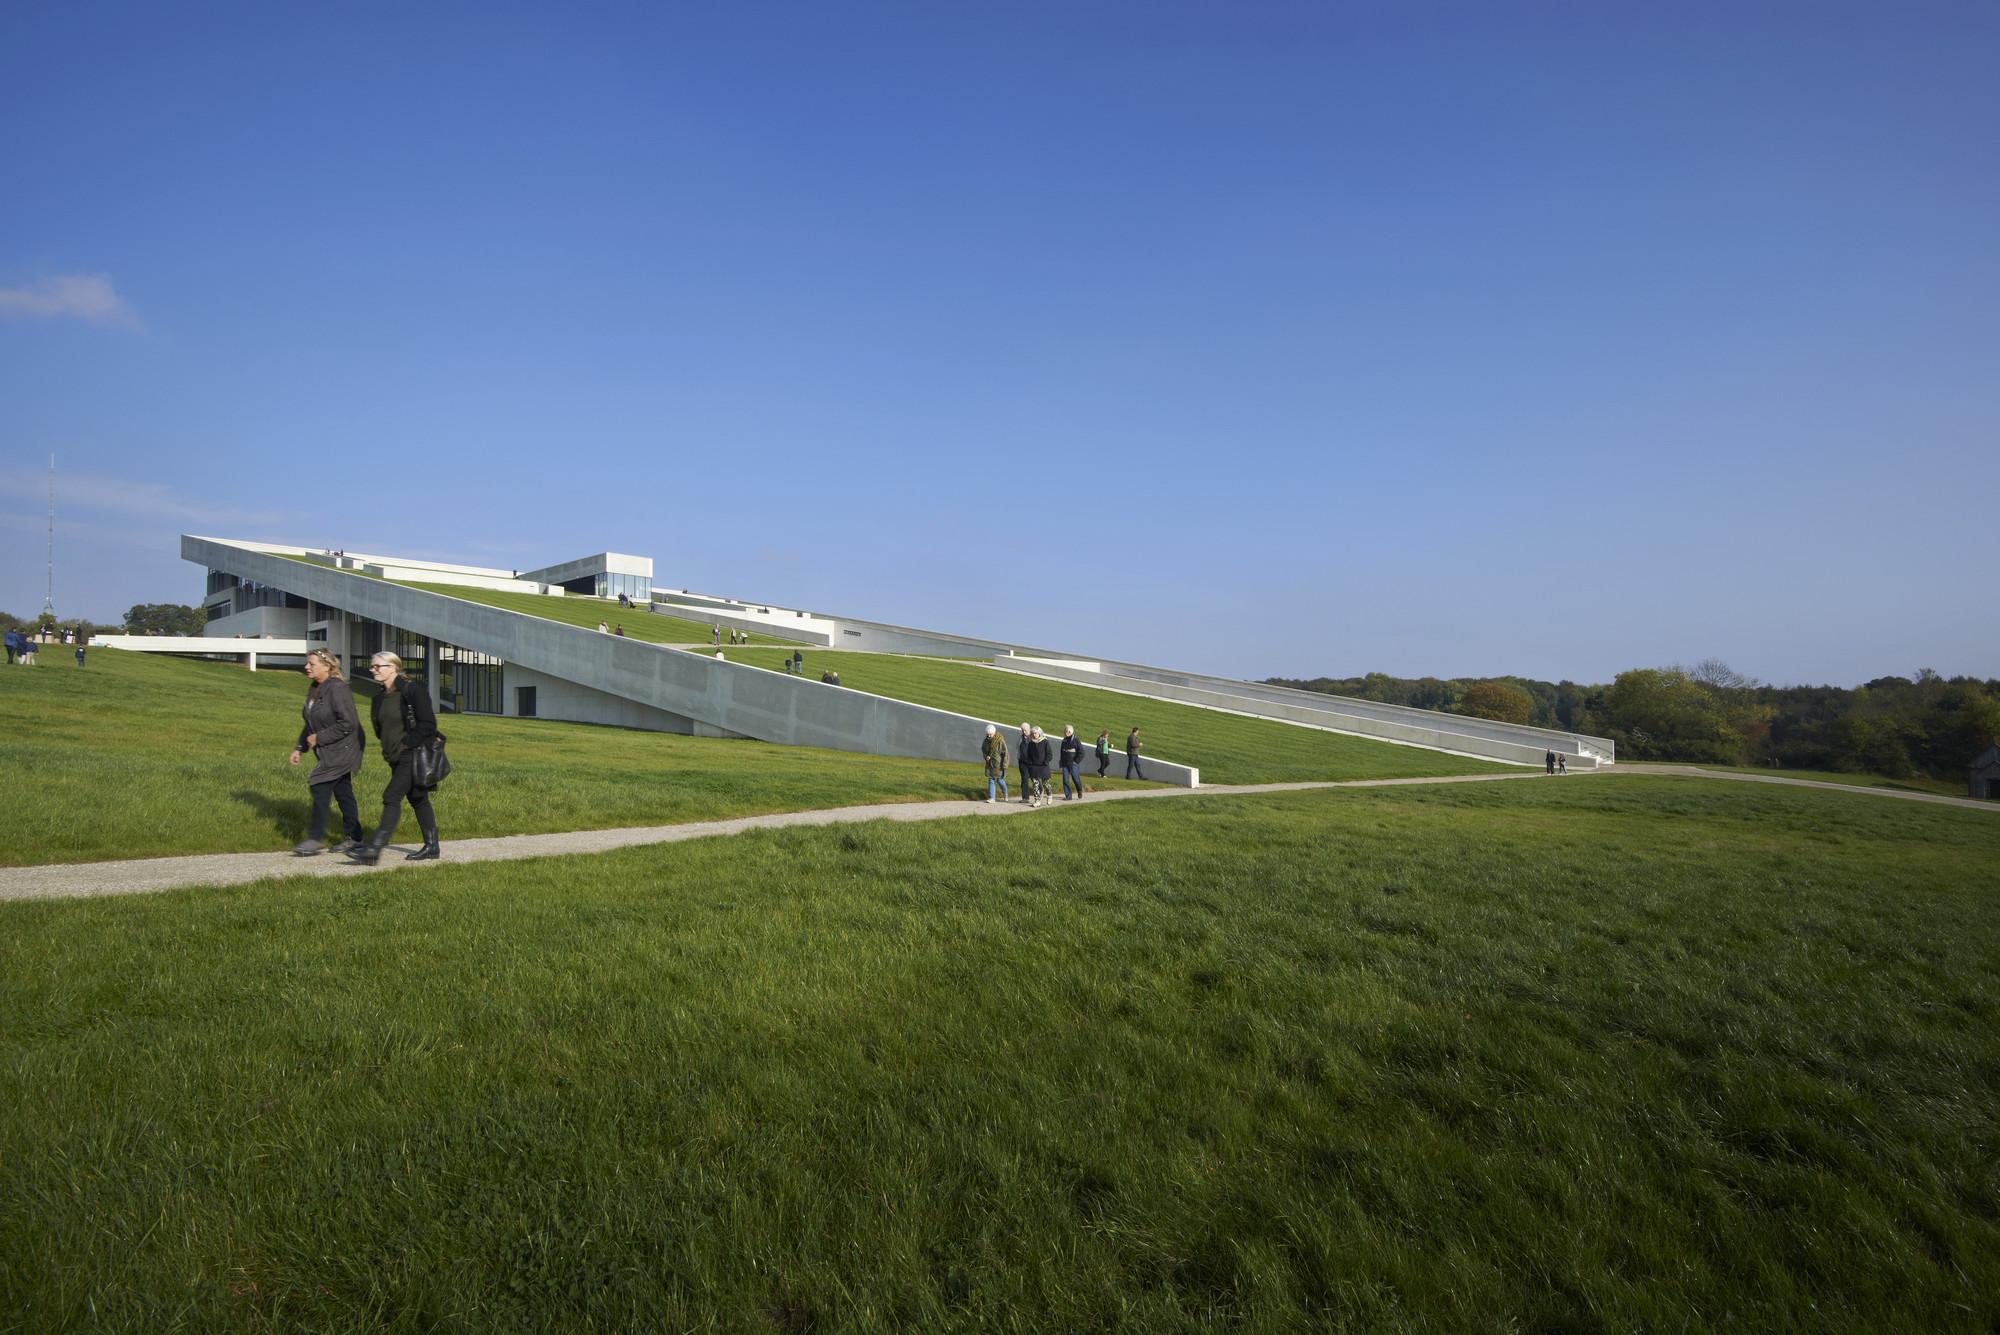 Anunciados os vencedores do Prêmio Civic Trust 2015, Vencedor do Prêmio Civic Trust 2015: Moesgaard Museum / Henning Larsen Architects